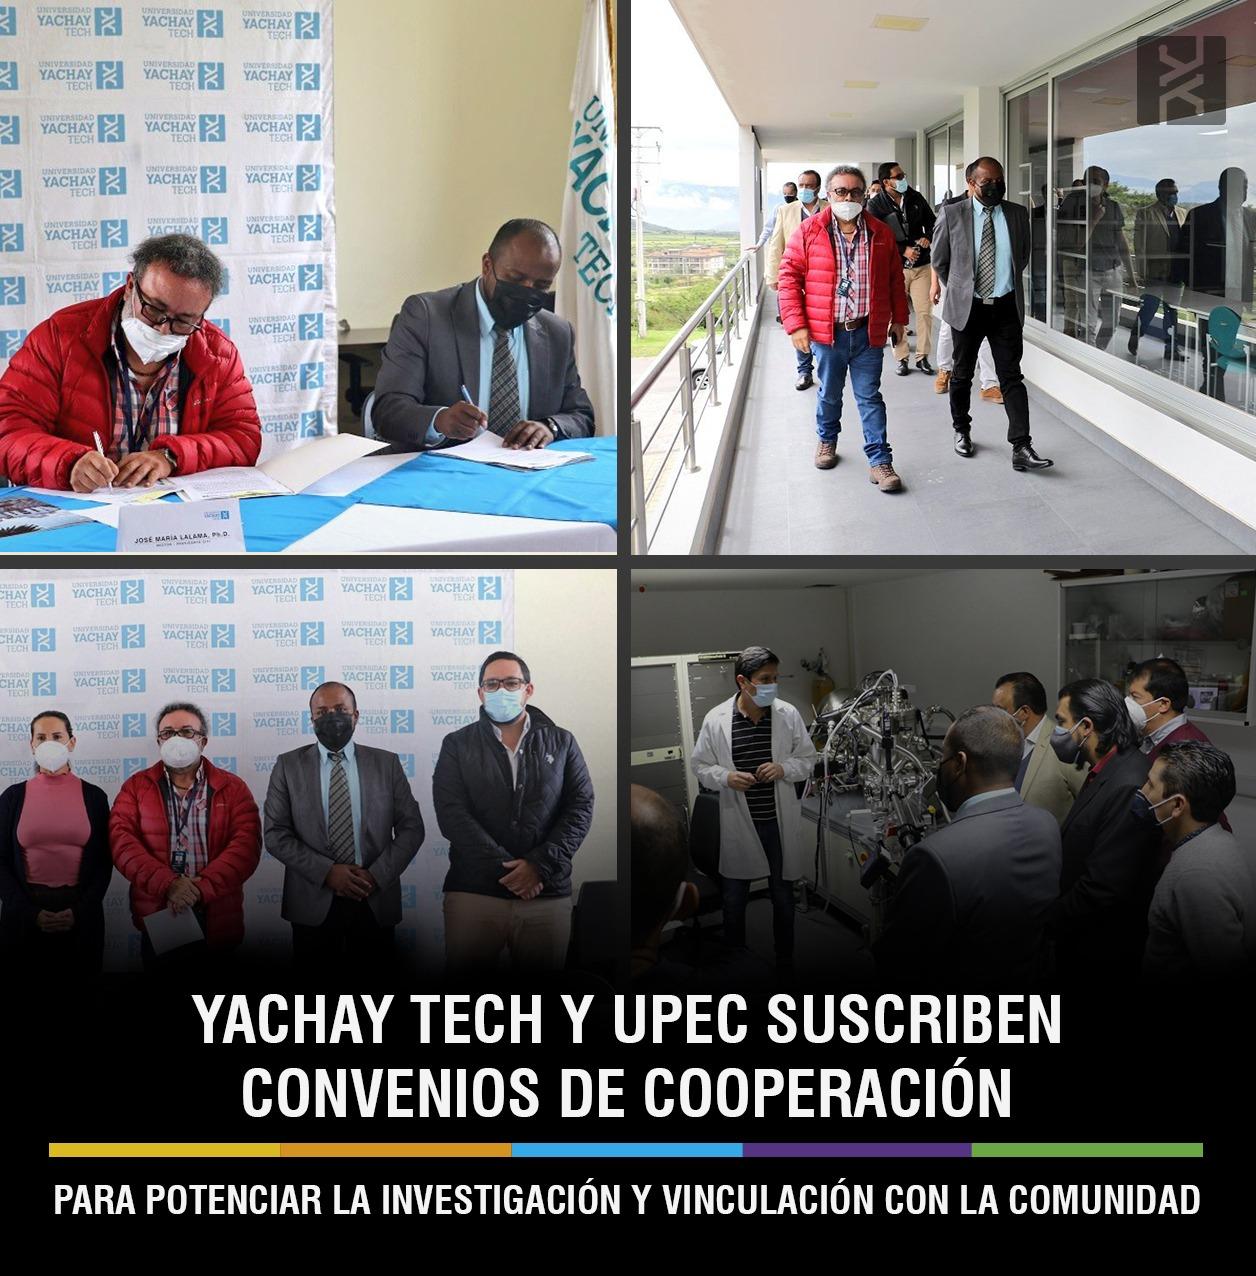 YACHAY TECH Y UPEC SUSCRIBEN CONVENIOS DE COOPERACIÓN PARA POTENCIAR LA INVESTIGACIÓN Y VINCULACIÓN CON LA COMUNIDAD